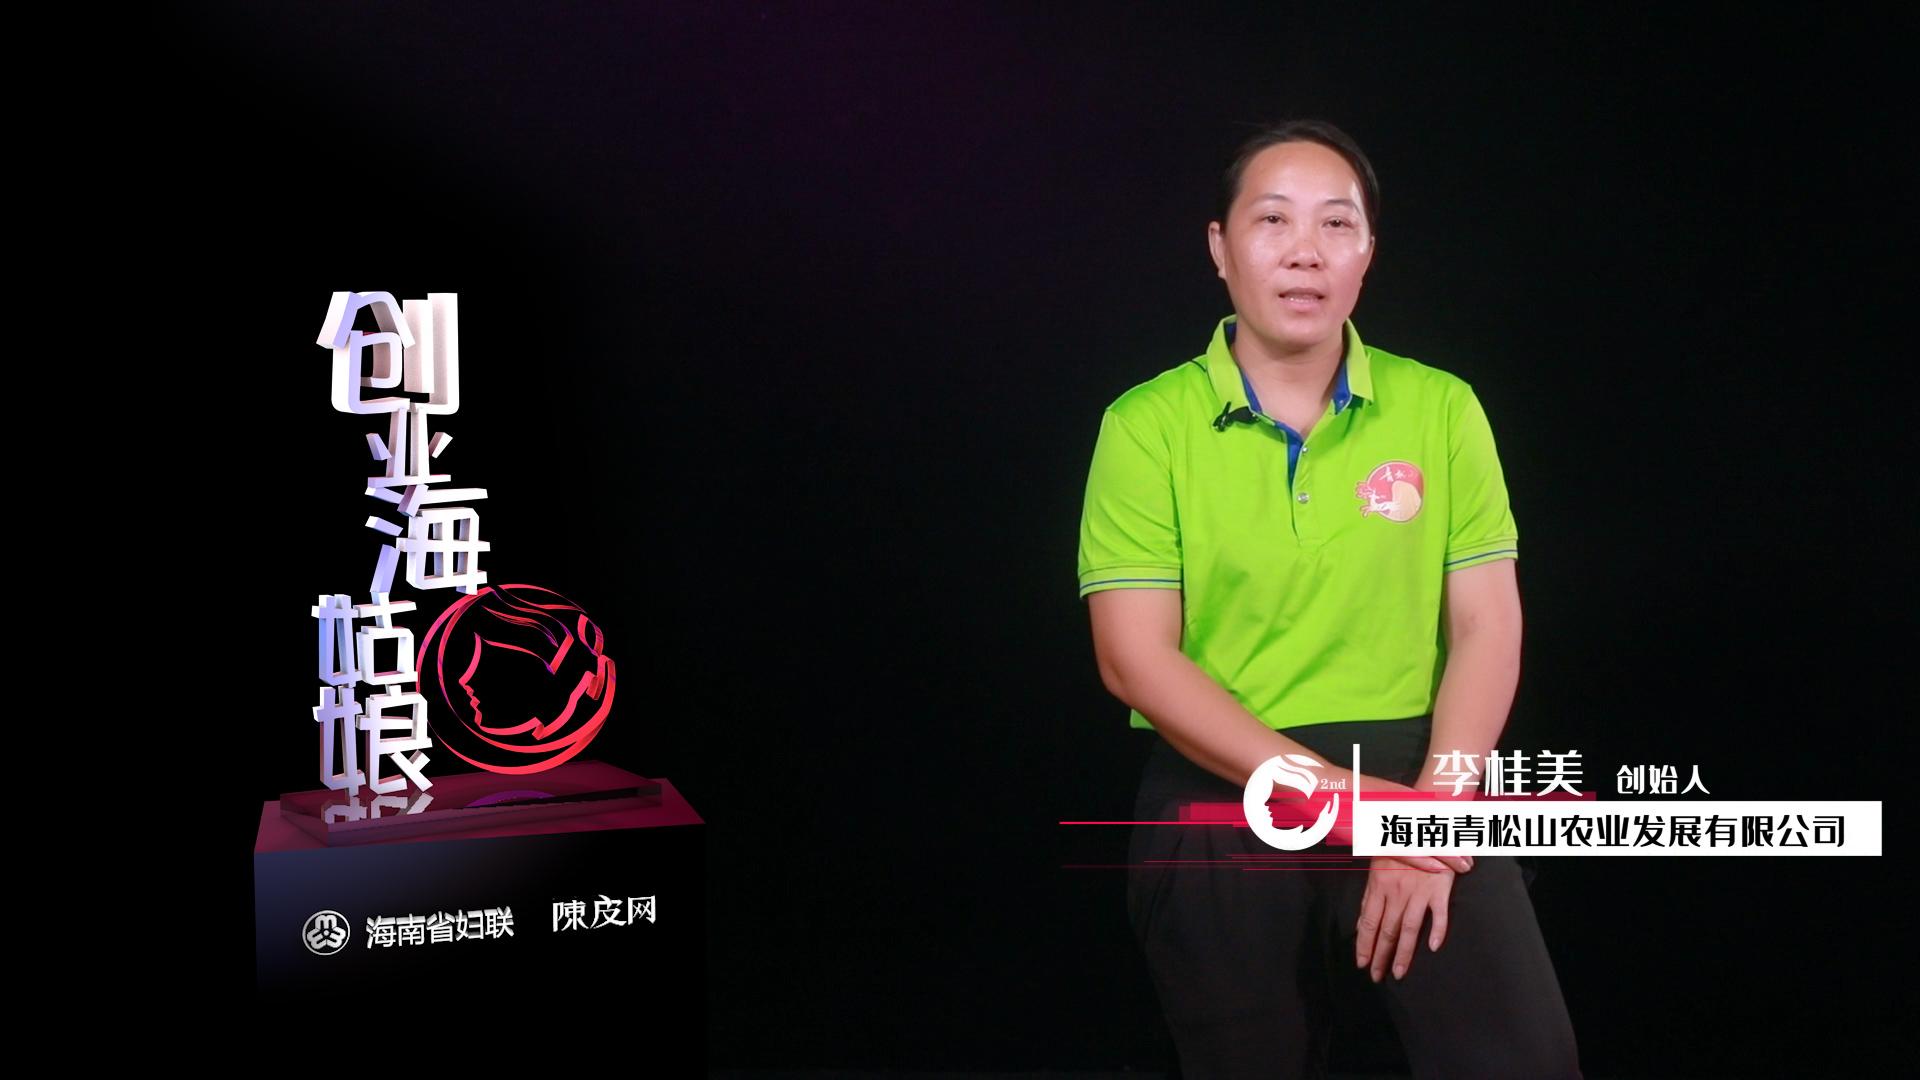 创业海姑娘|青松山农业李桂美——为热爱的事业实干